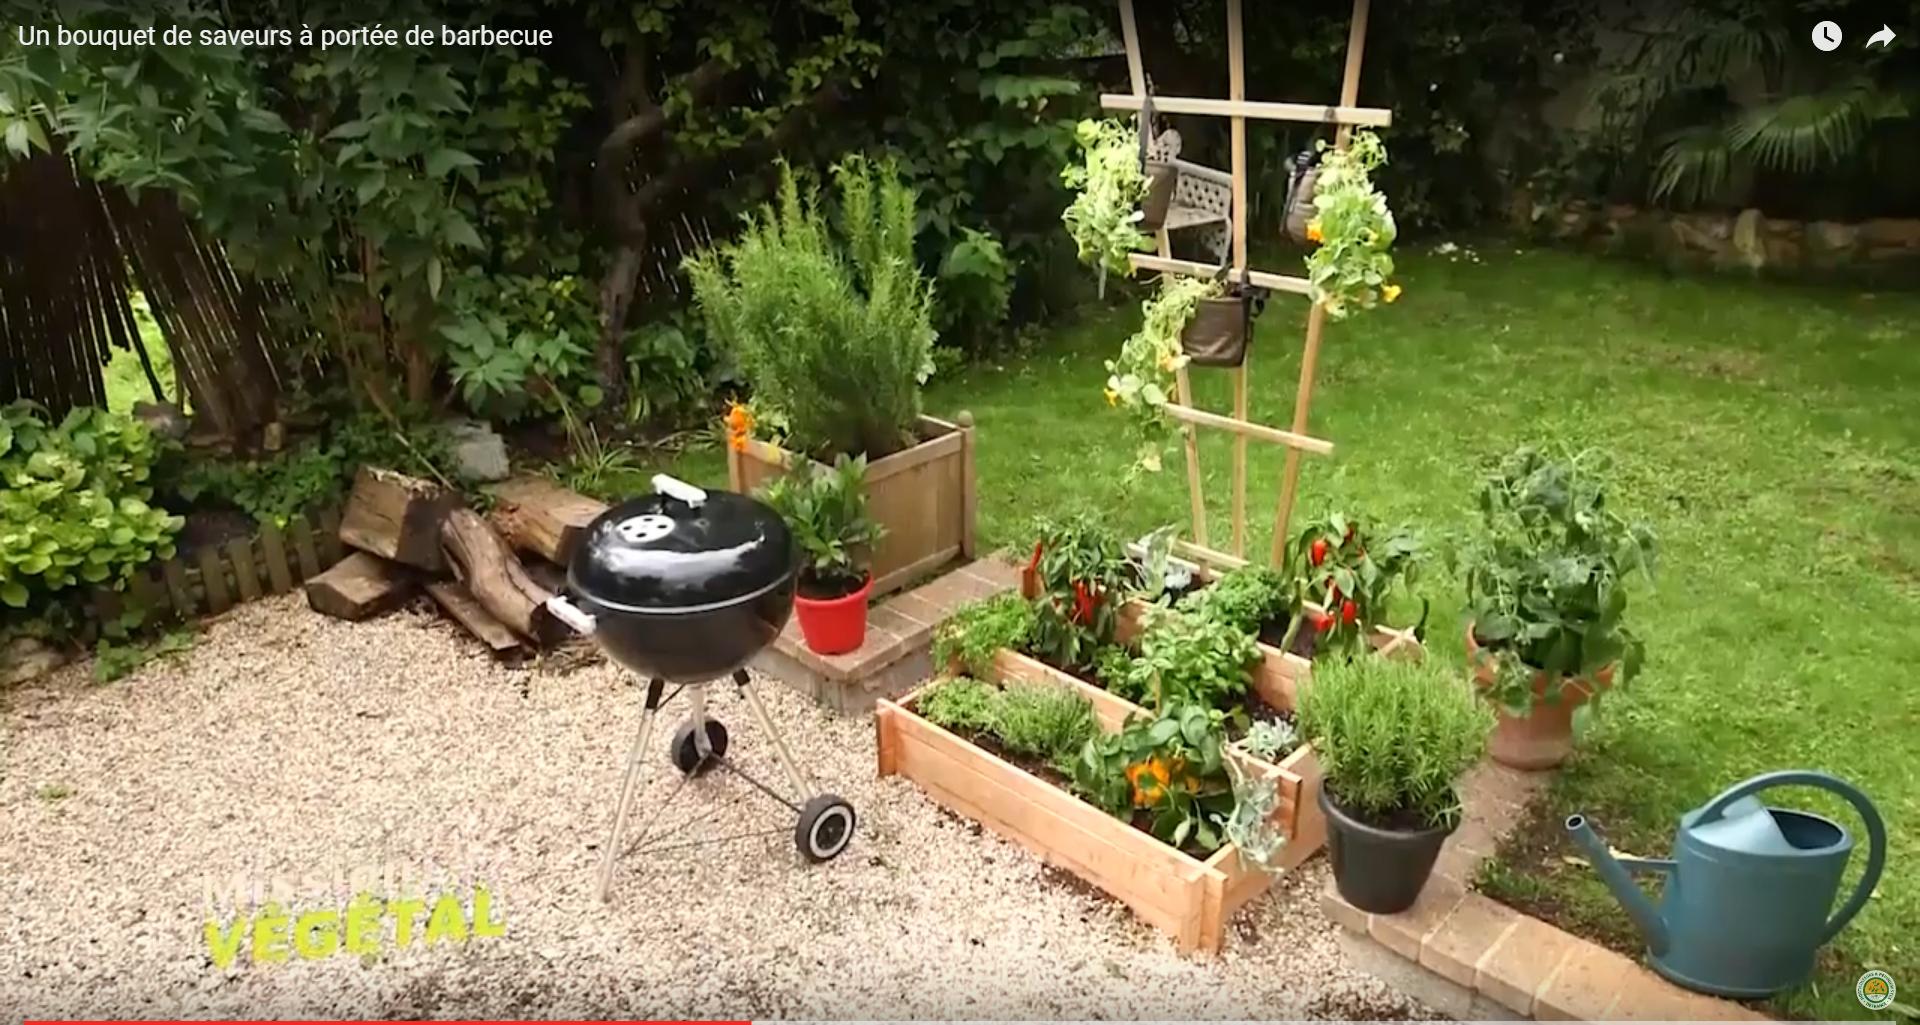 Un jardin de saveurs pr s du barbecue - Jardin des plantes aix les bains ...